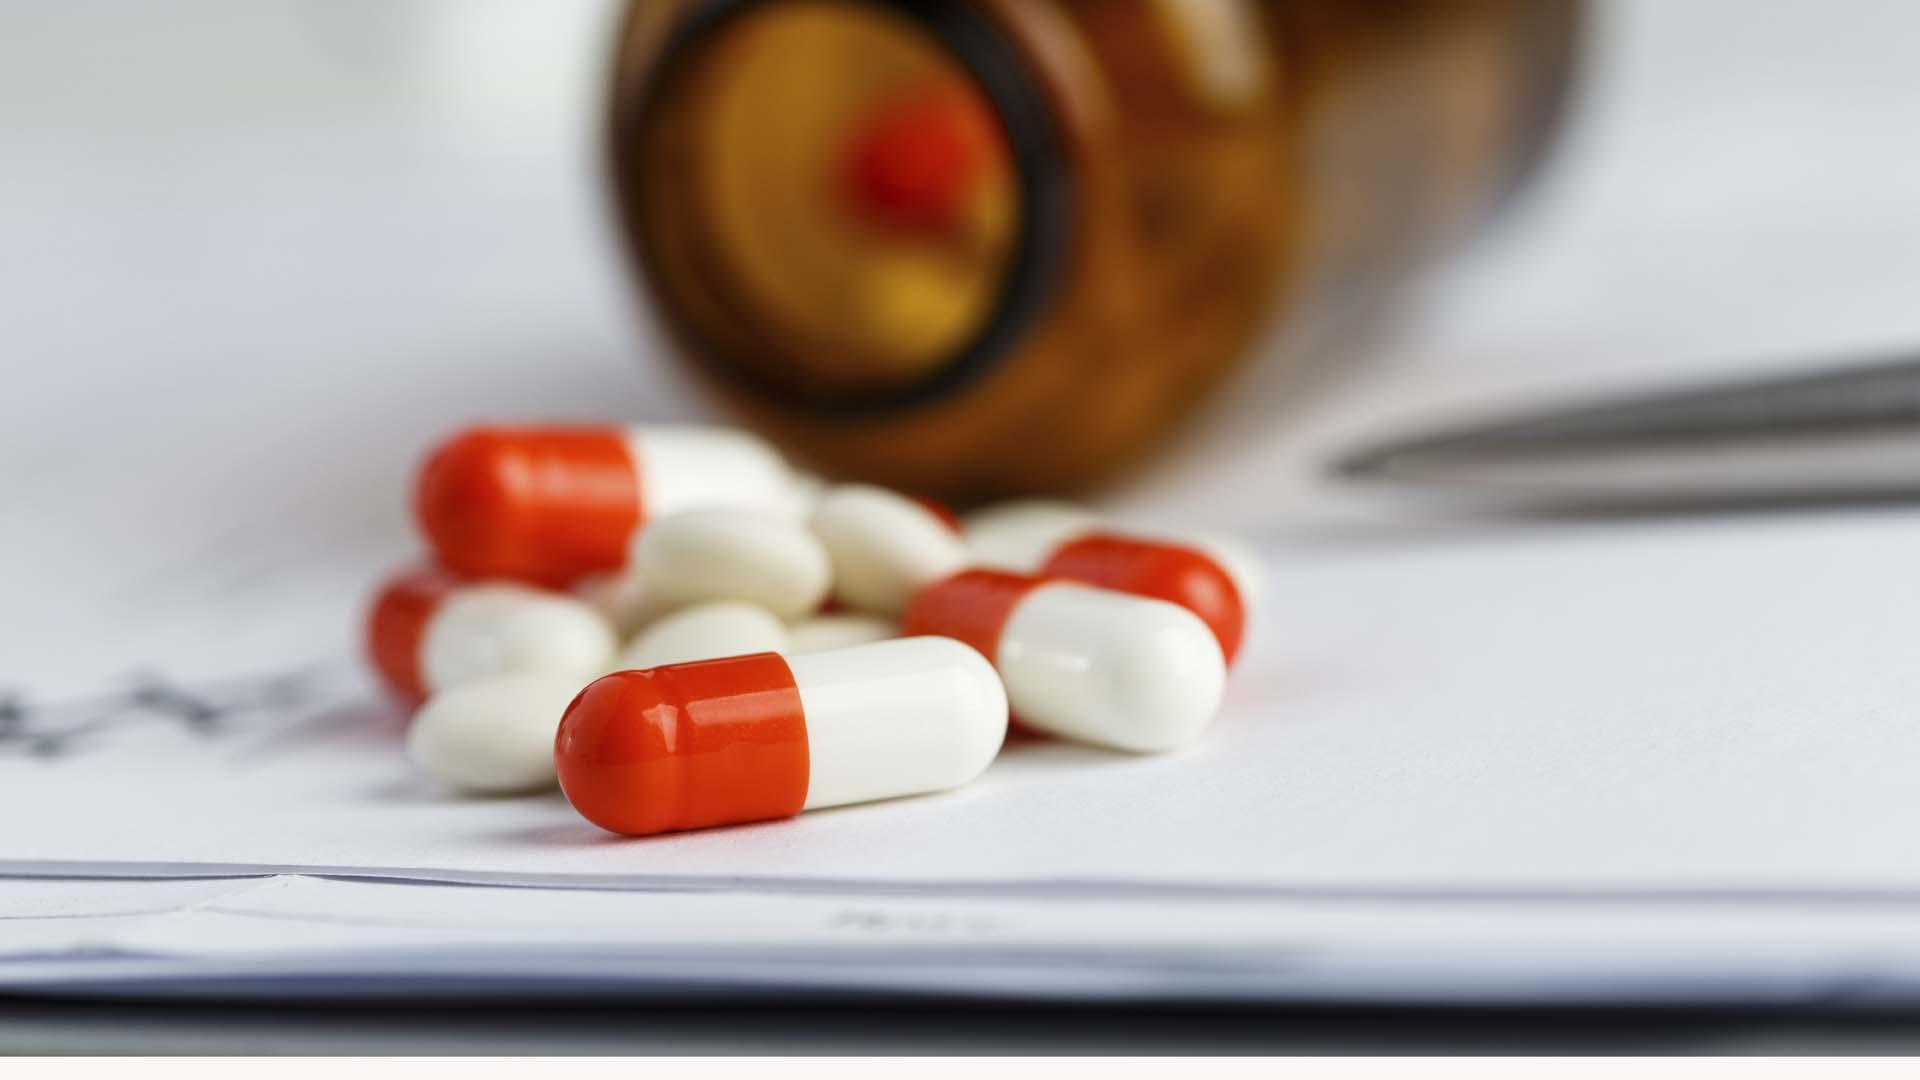 Consumirlos por tiempo prolongado eleva al 96% los riesgos de sufrir insuficiencia renal